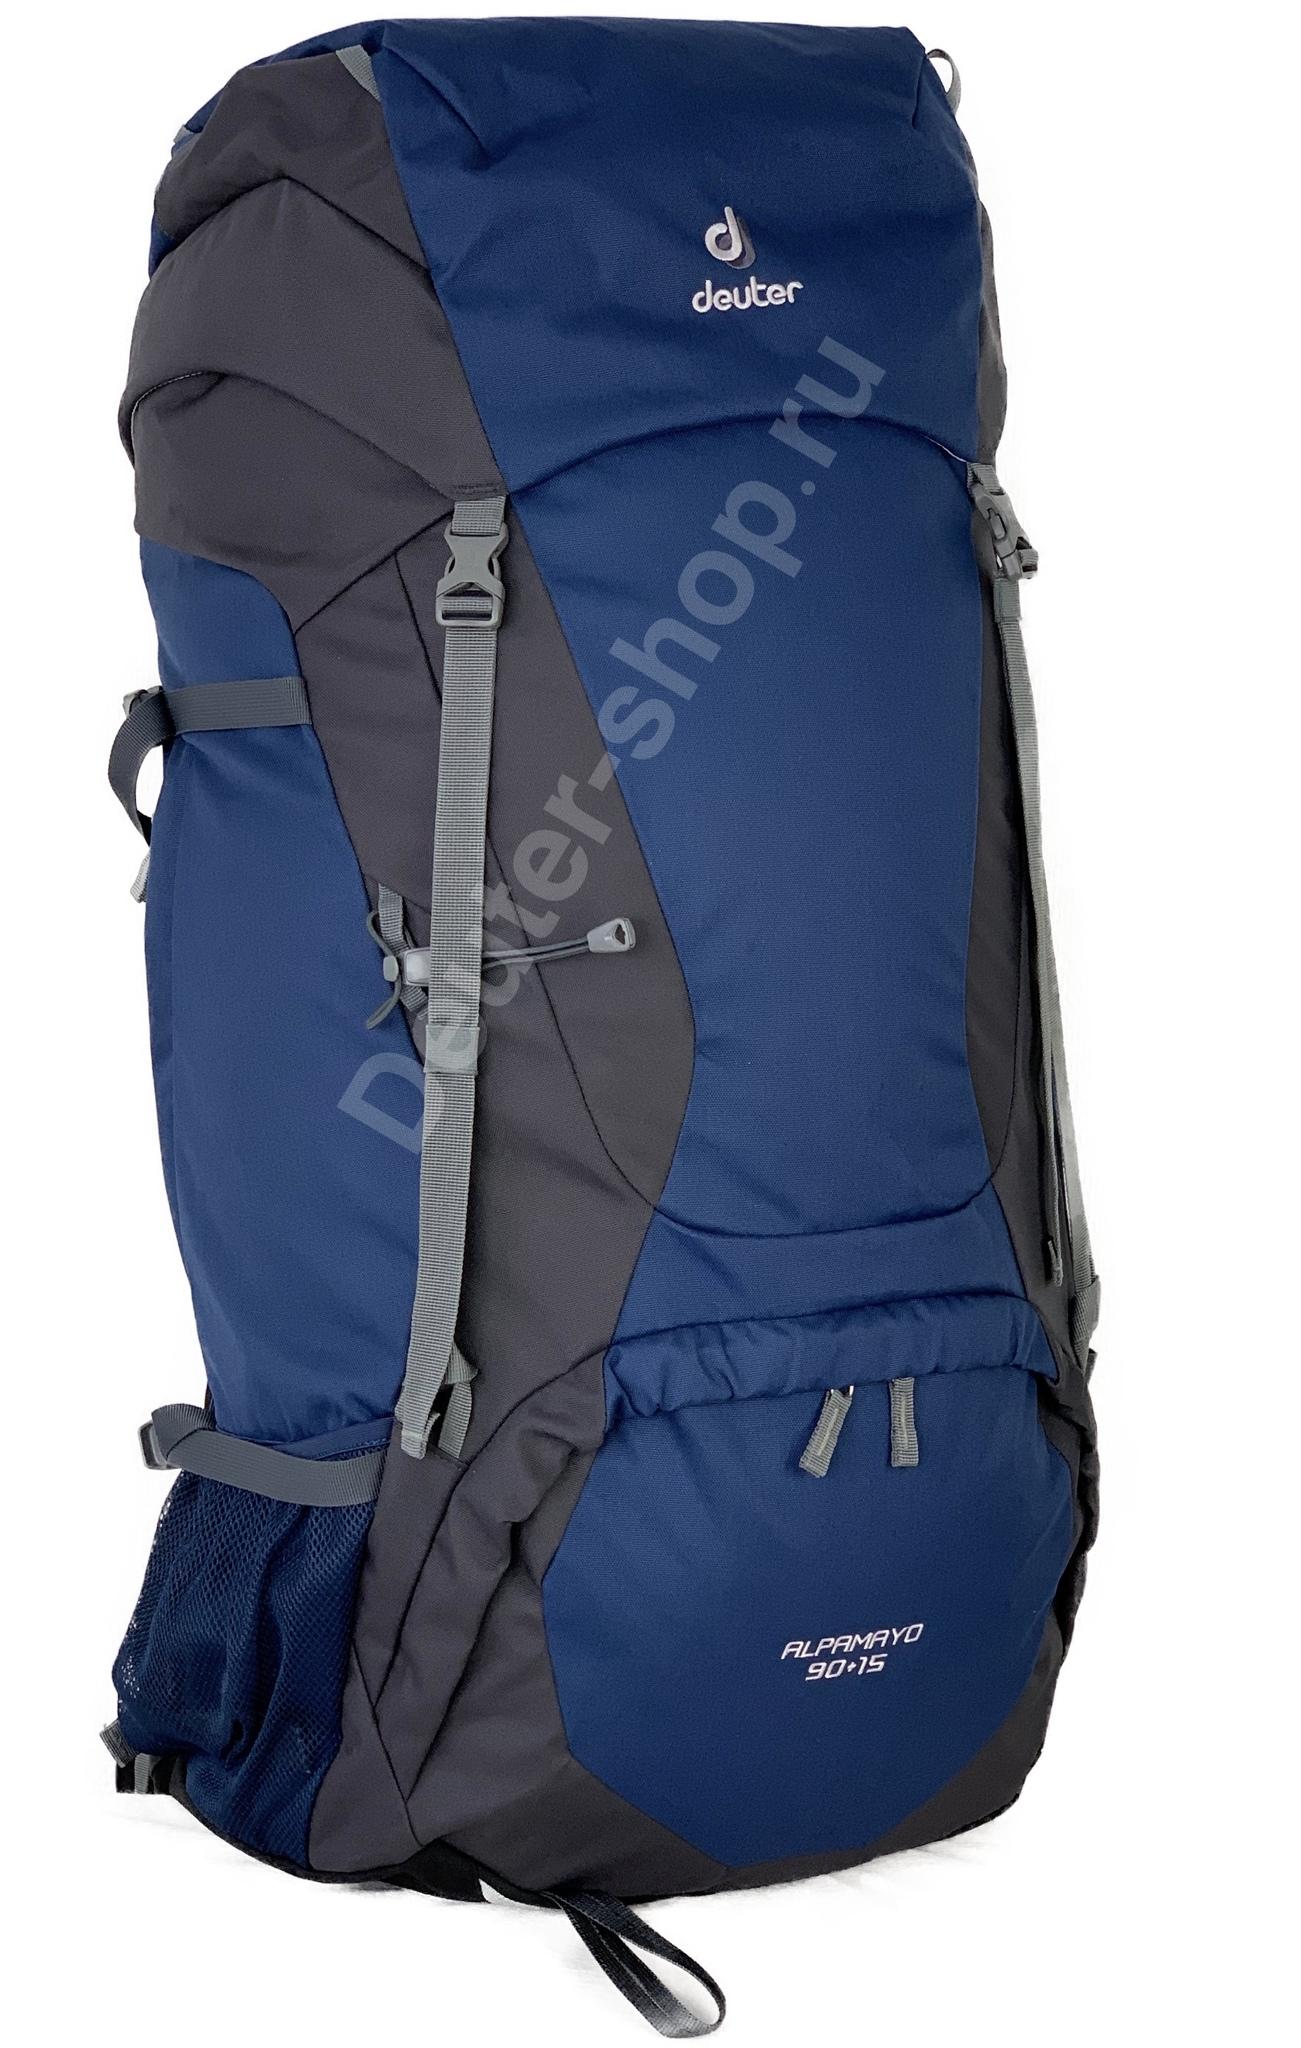 Туристические рюкзаки большие Рюкзак Deuter Alpamayo 90 + 15 (2020) C389507A-0626-4C6E-AFFB-F3153AAC9A5F.jpeg